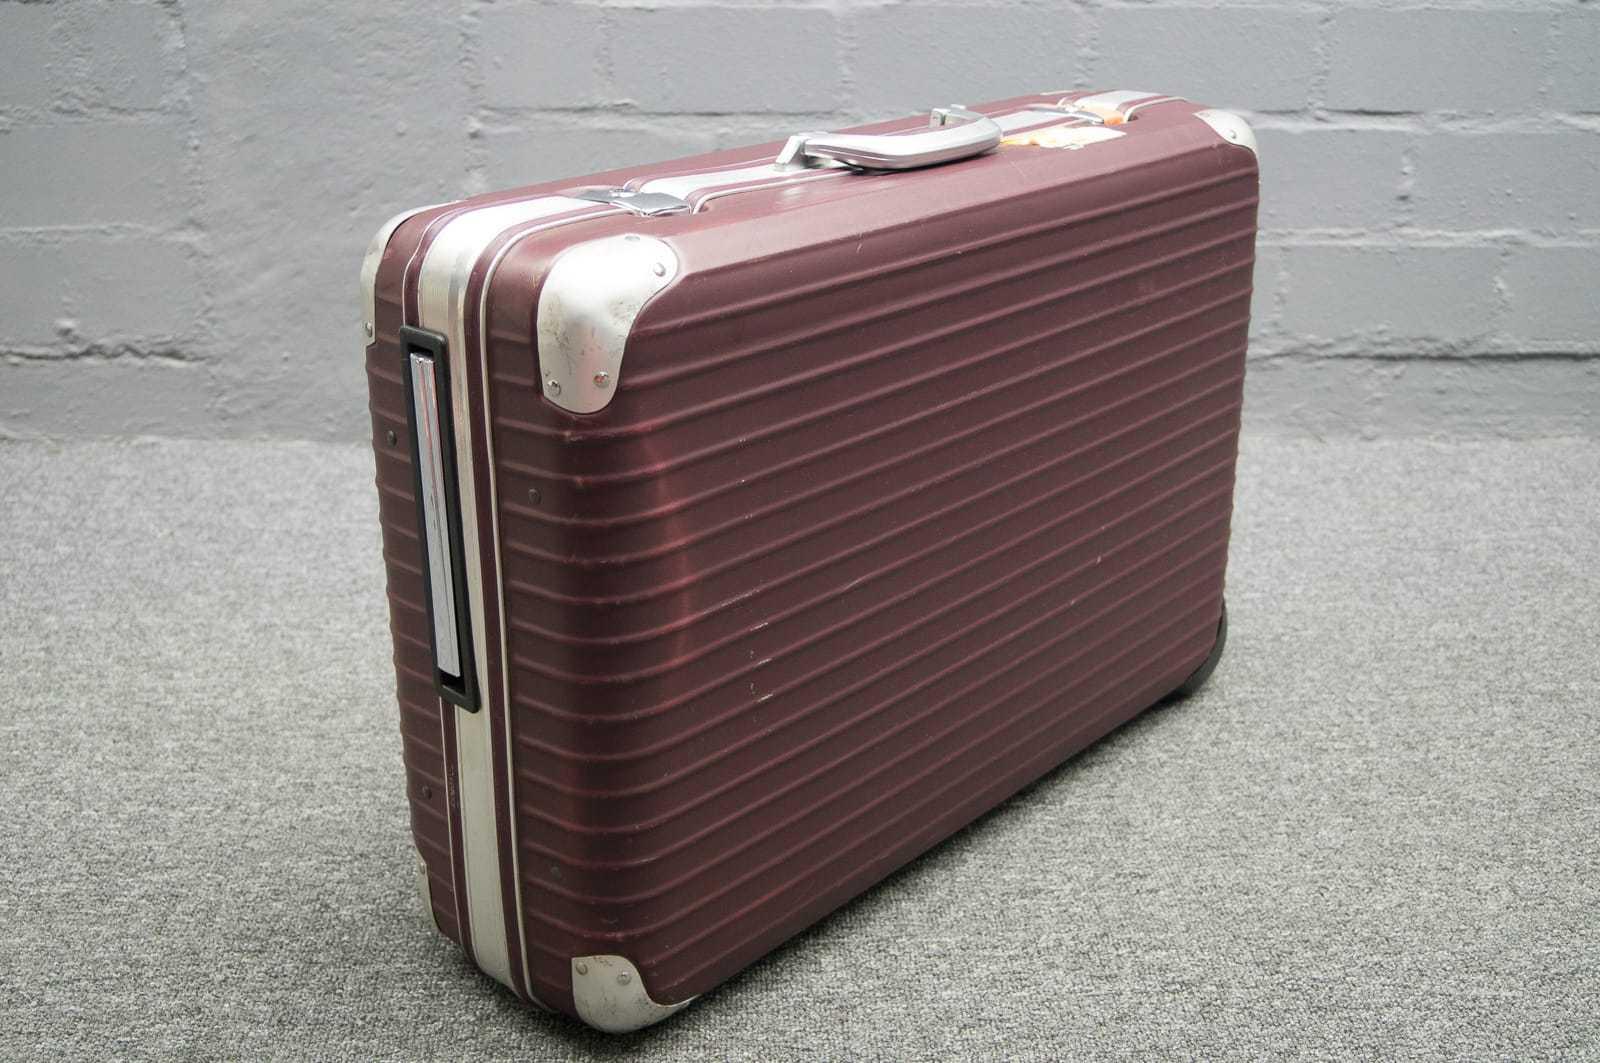 rimowa reisekoffer integral hartschale koffer auf rollen ebay. Black Bedroom Furniture Sets. Home Design Ideas